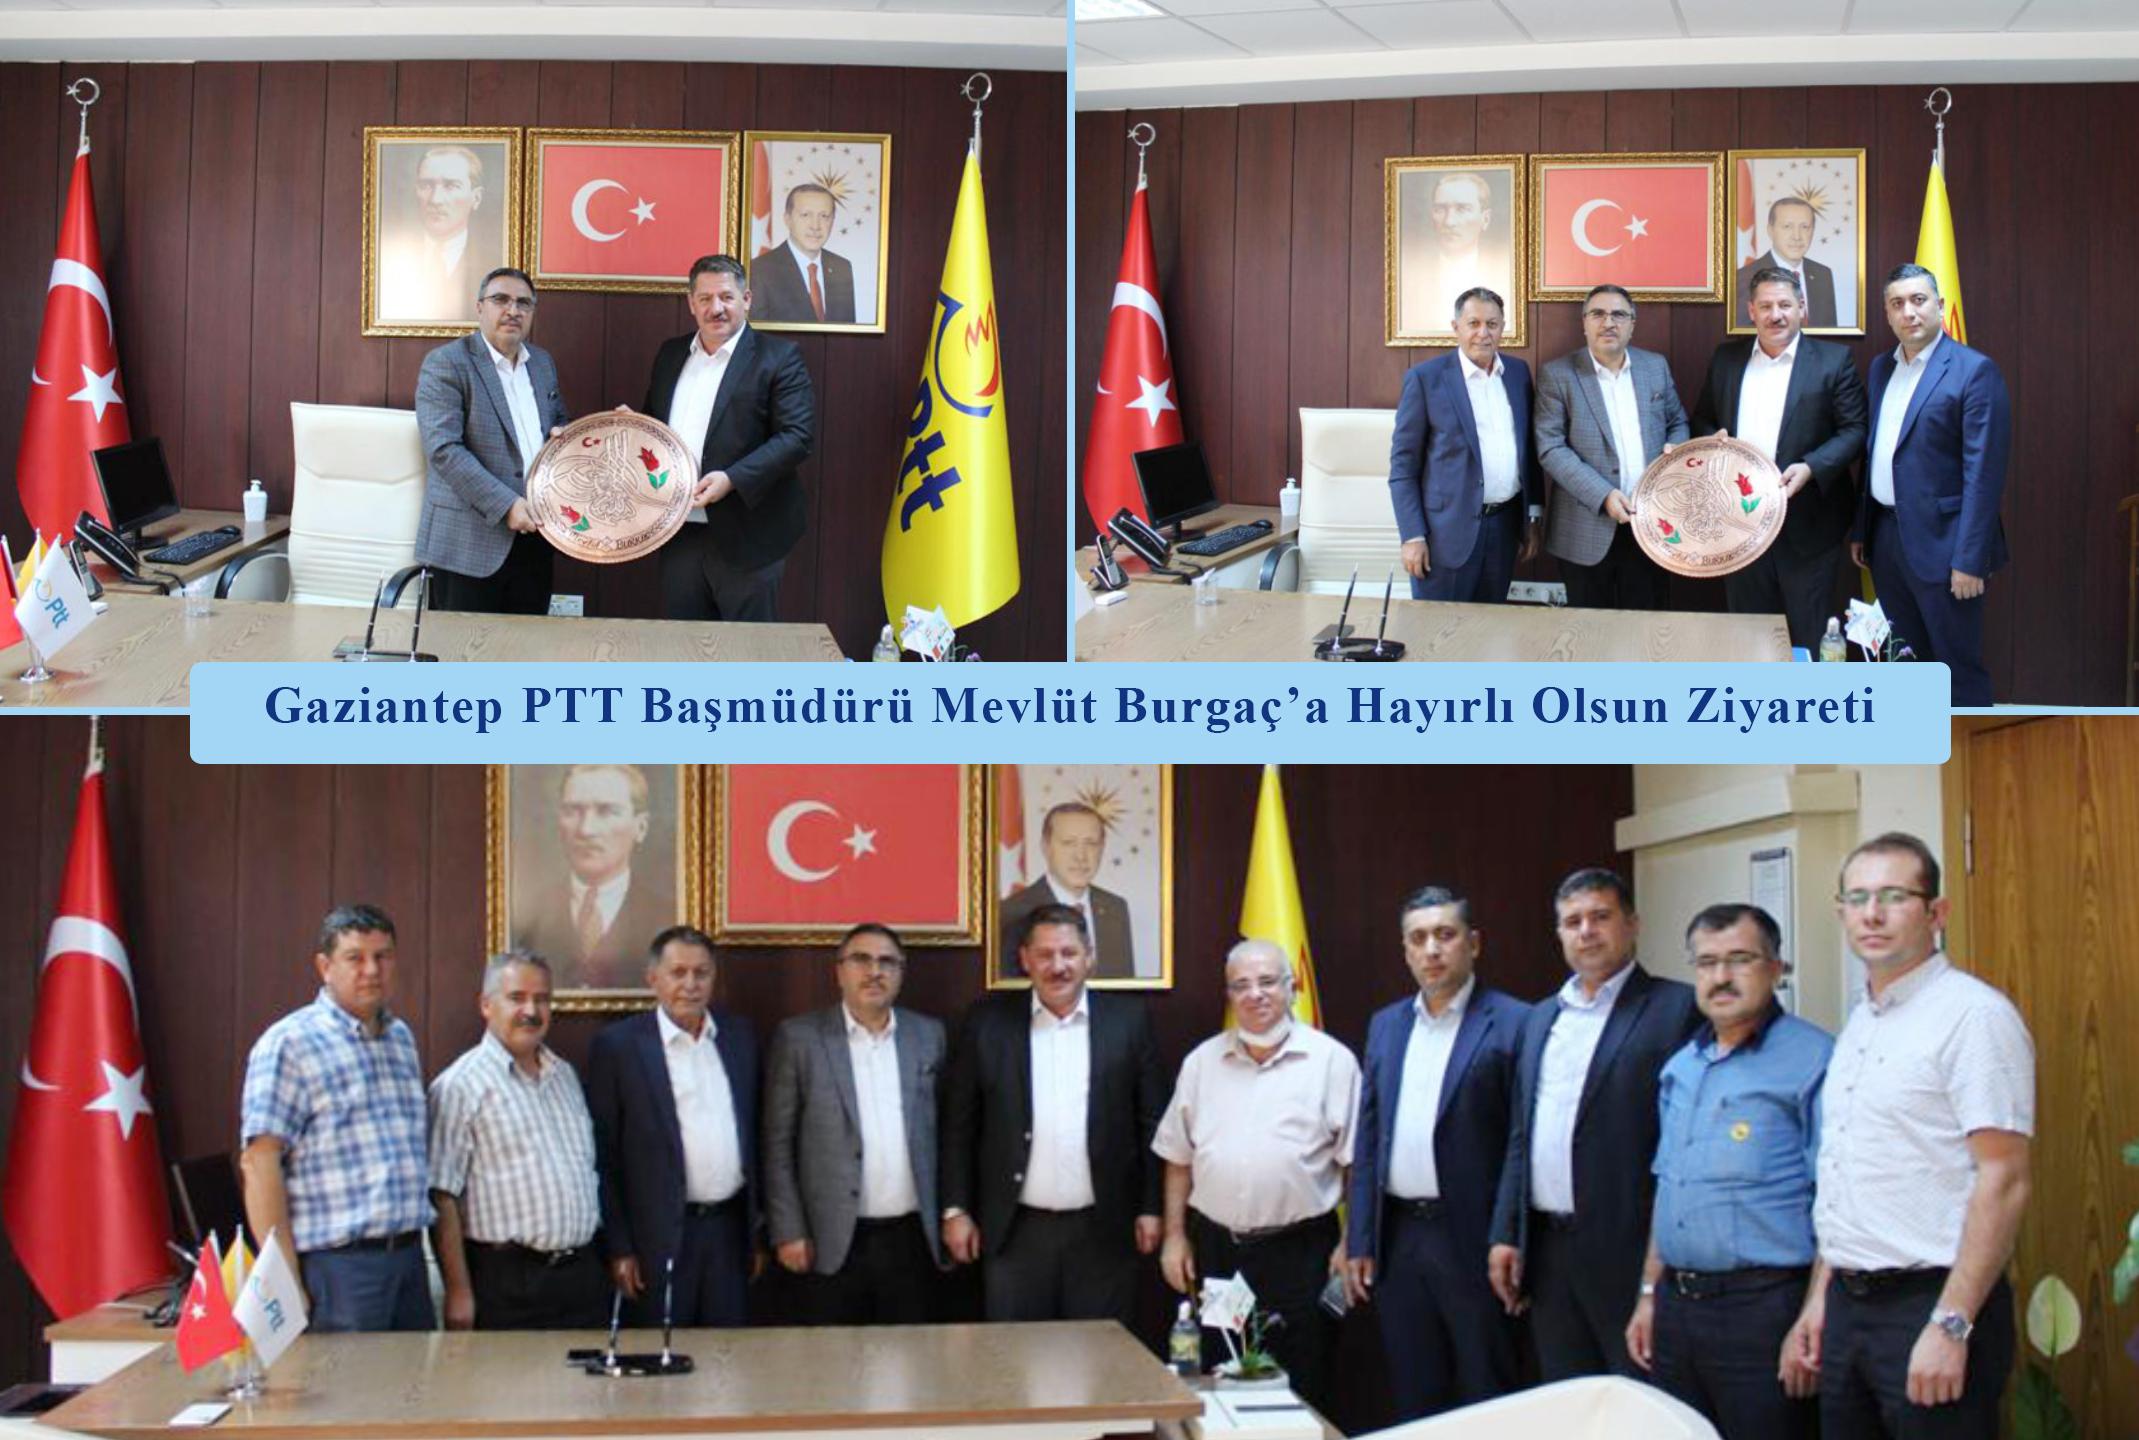 Gaziantep PTT Başmüdürü Mevlüt Burgaç'a Hayırlı Olsun Ziyareti